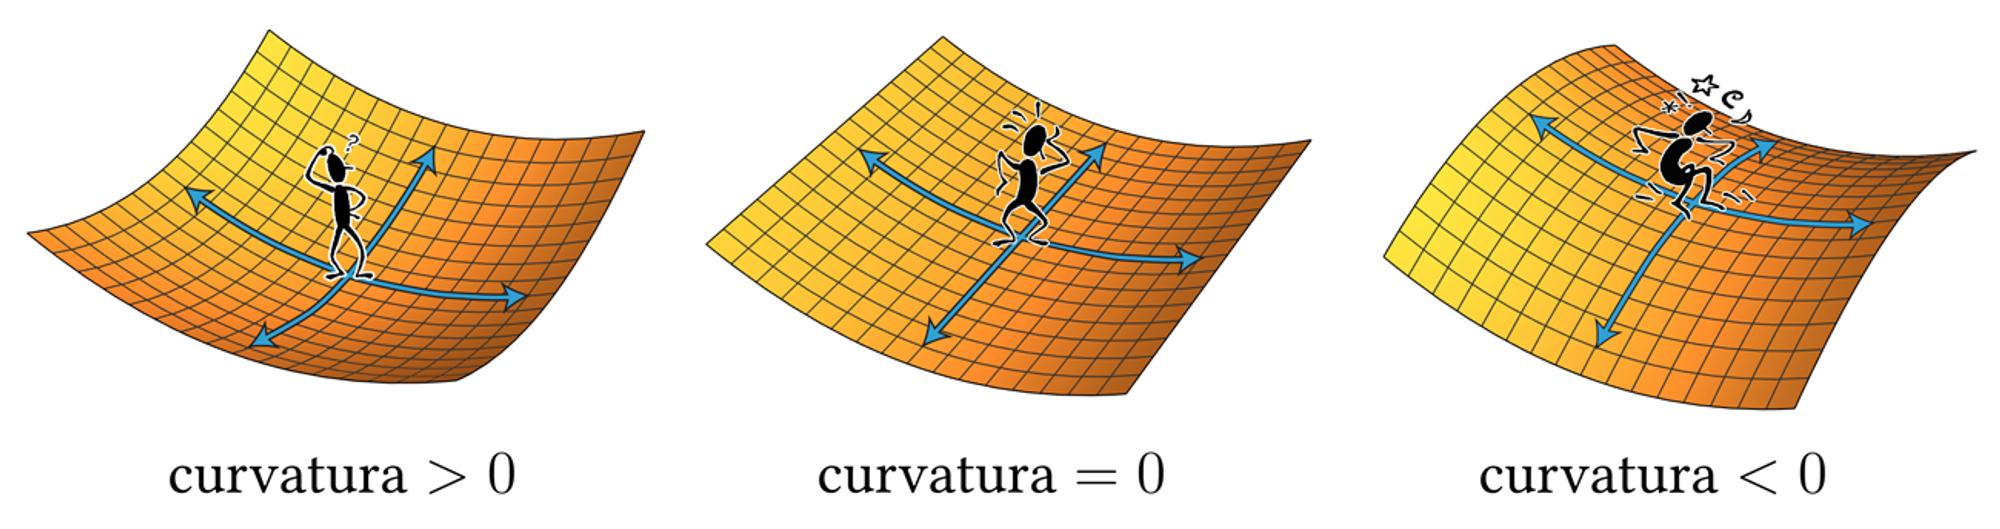 curvatura_clipart.png